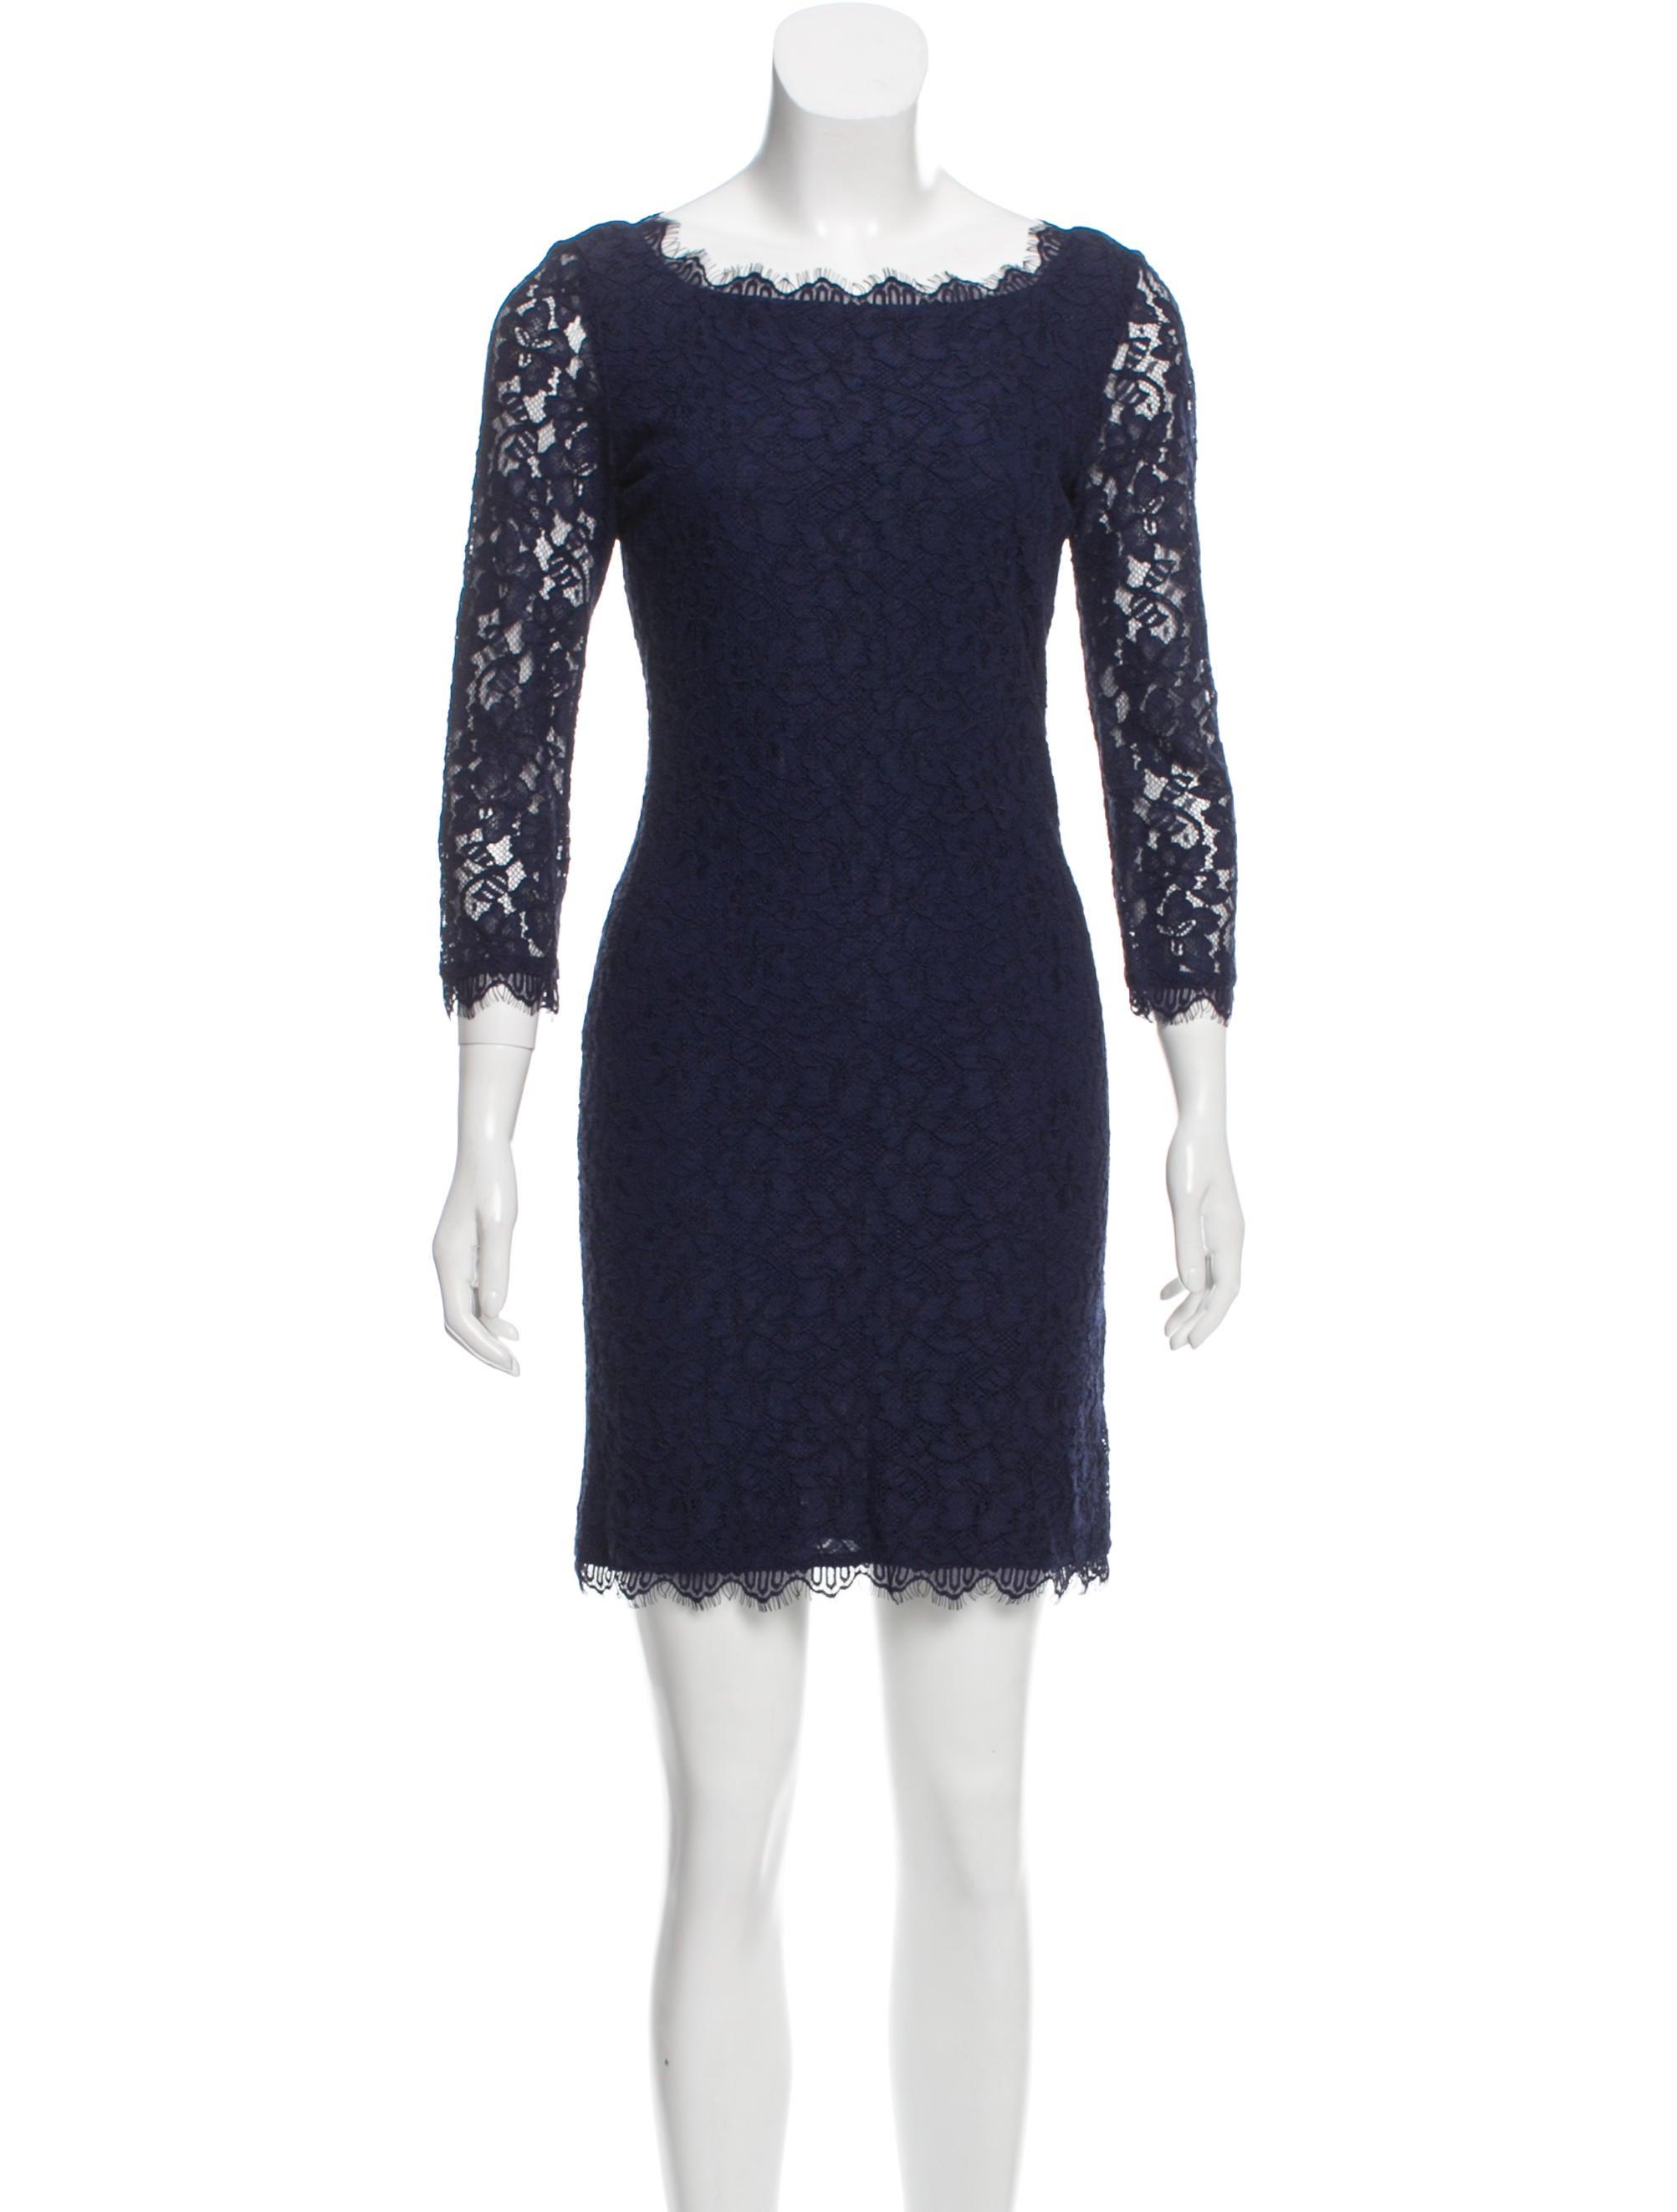 d88cb7f6b6 Diane von Furstenberg New Zarita Lace Mini Dress - Clothing ...